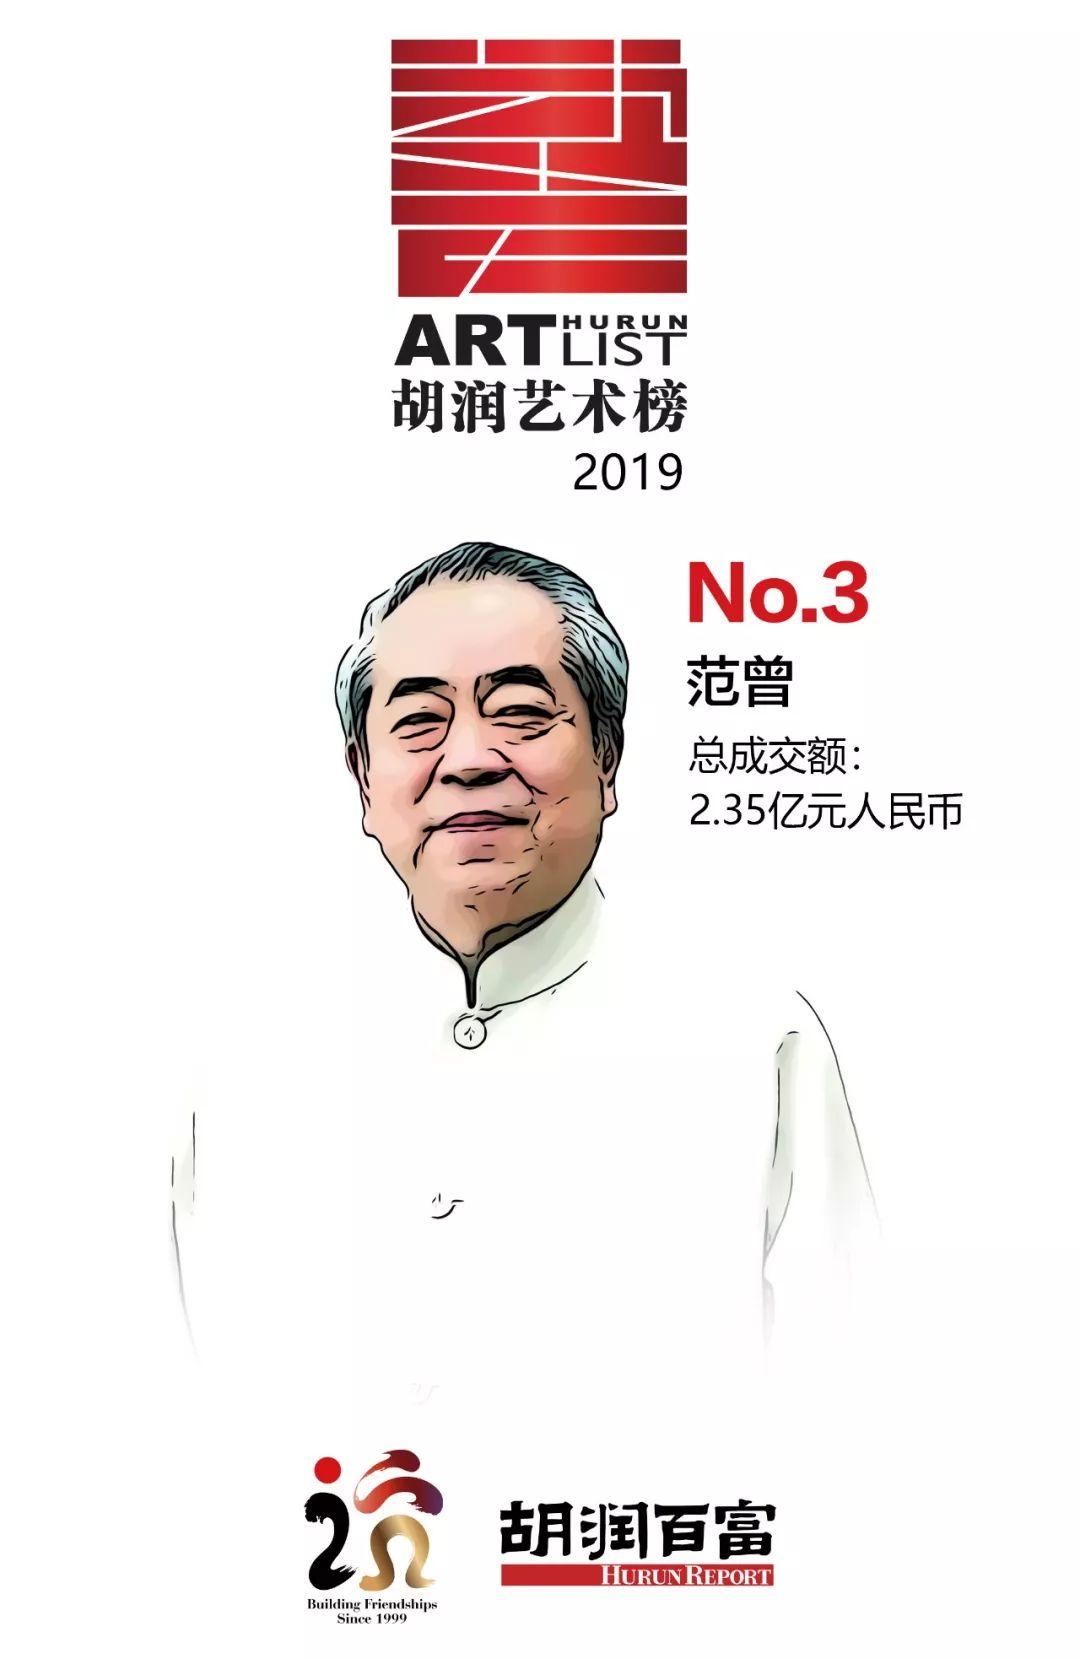 2019胡润中国排行榜_2019胡润艺术家排行榜 100位中国艺术家排名